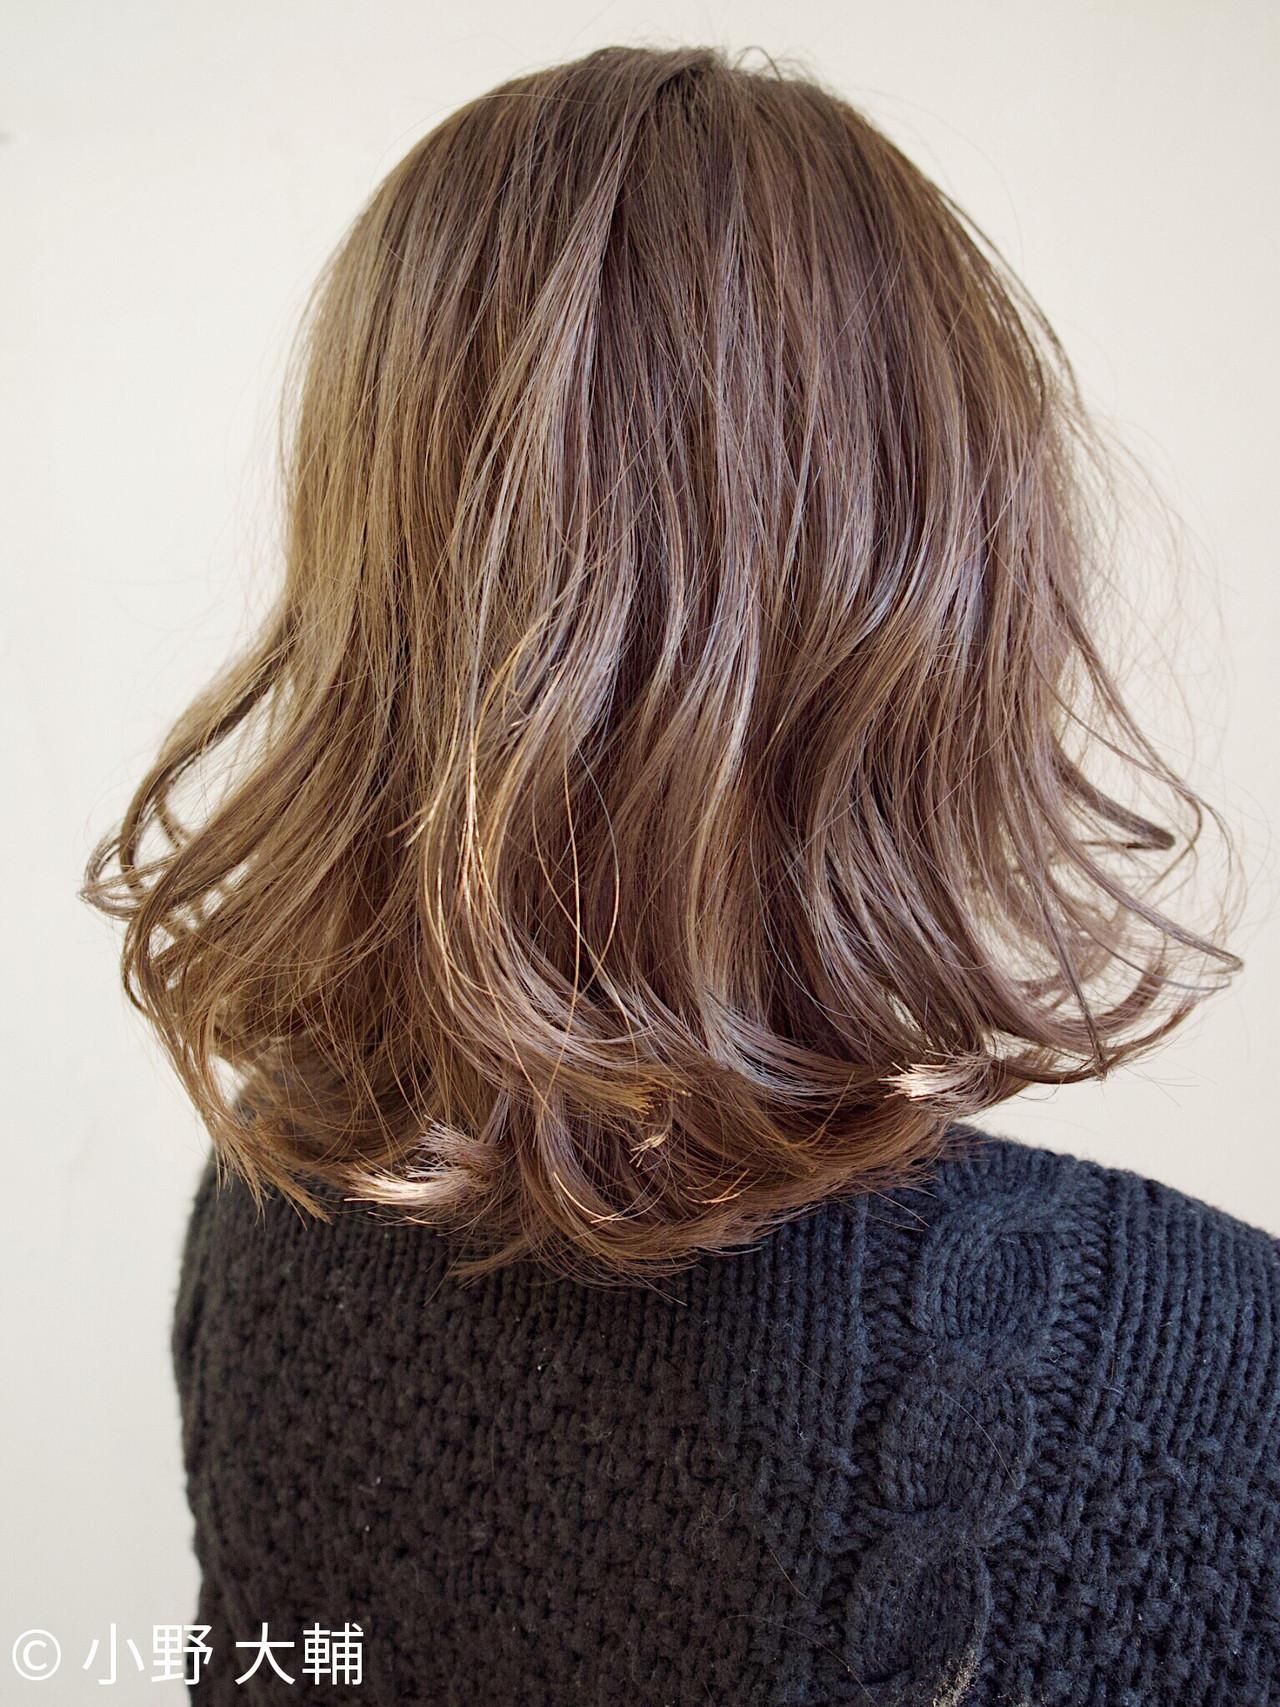 ミルクティーベージュ ナチュラル ボブヘアー ミディアム ヘアスタイルや髪型の写真・画像